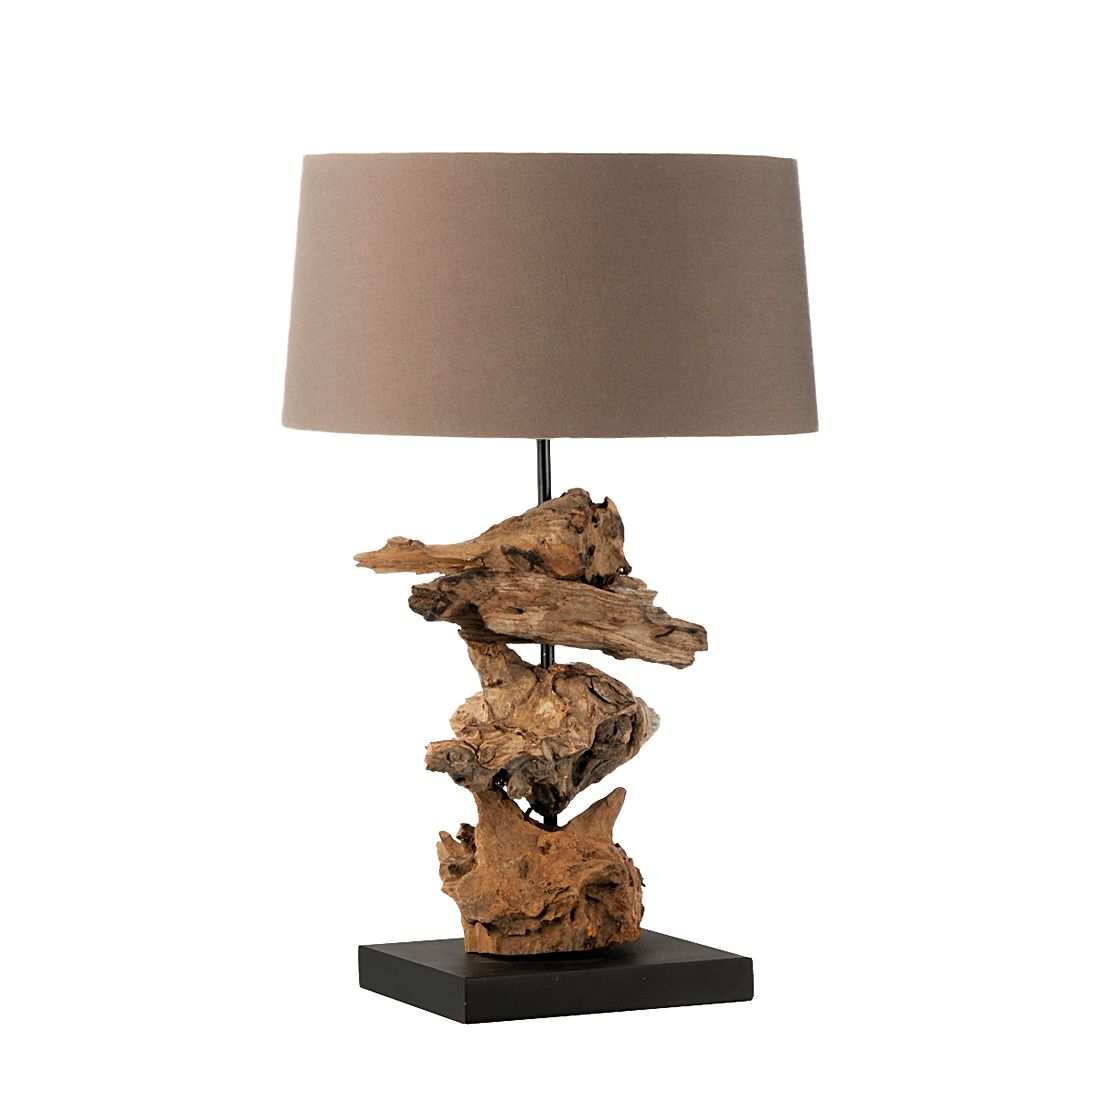 EEK A++, Tischleuchte Abuja im Naturholz-Look – Brauner Lampenschirm, Paul Neuhaus jetzt kaufen